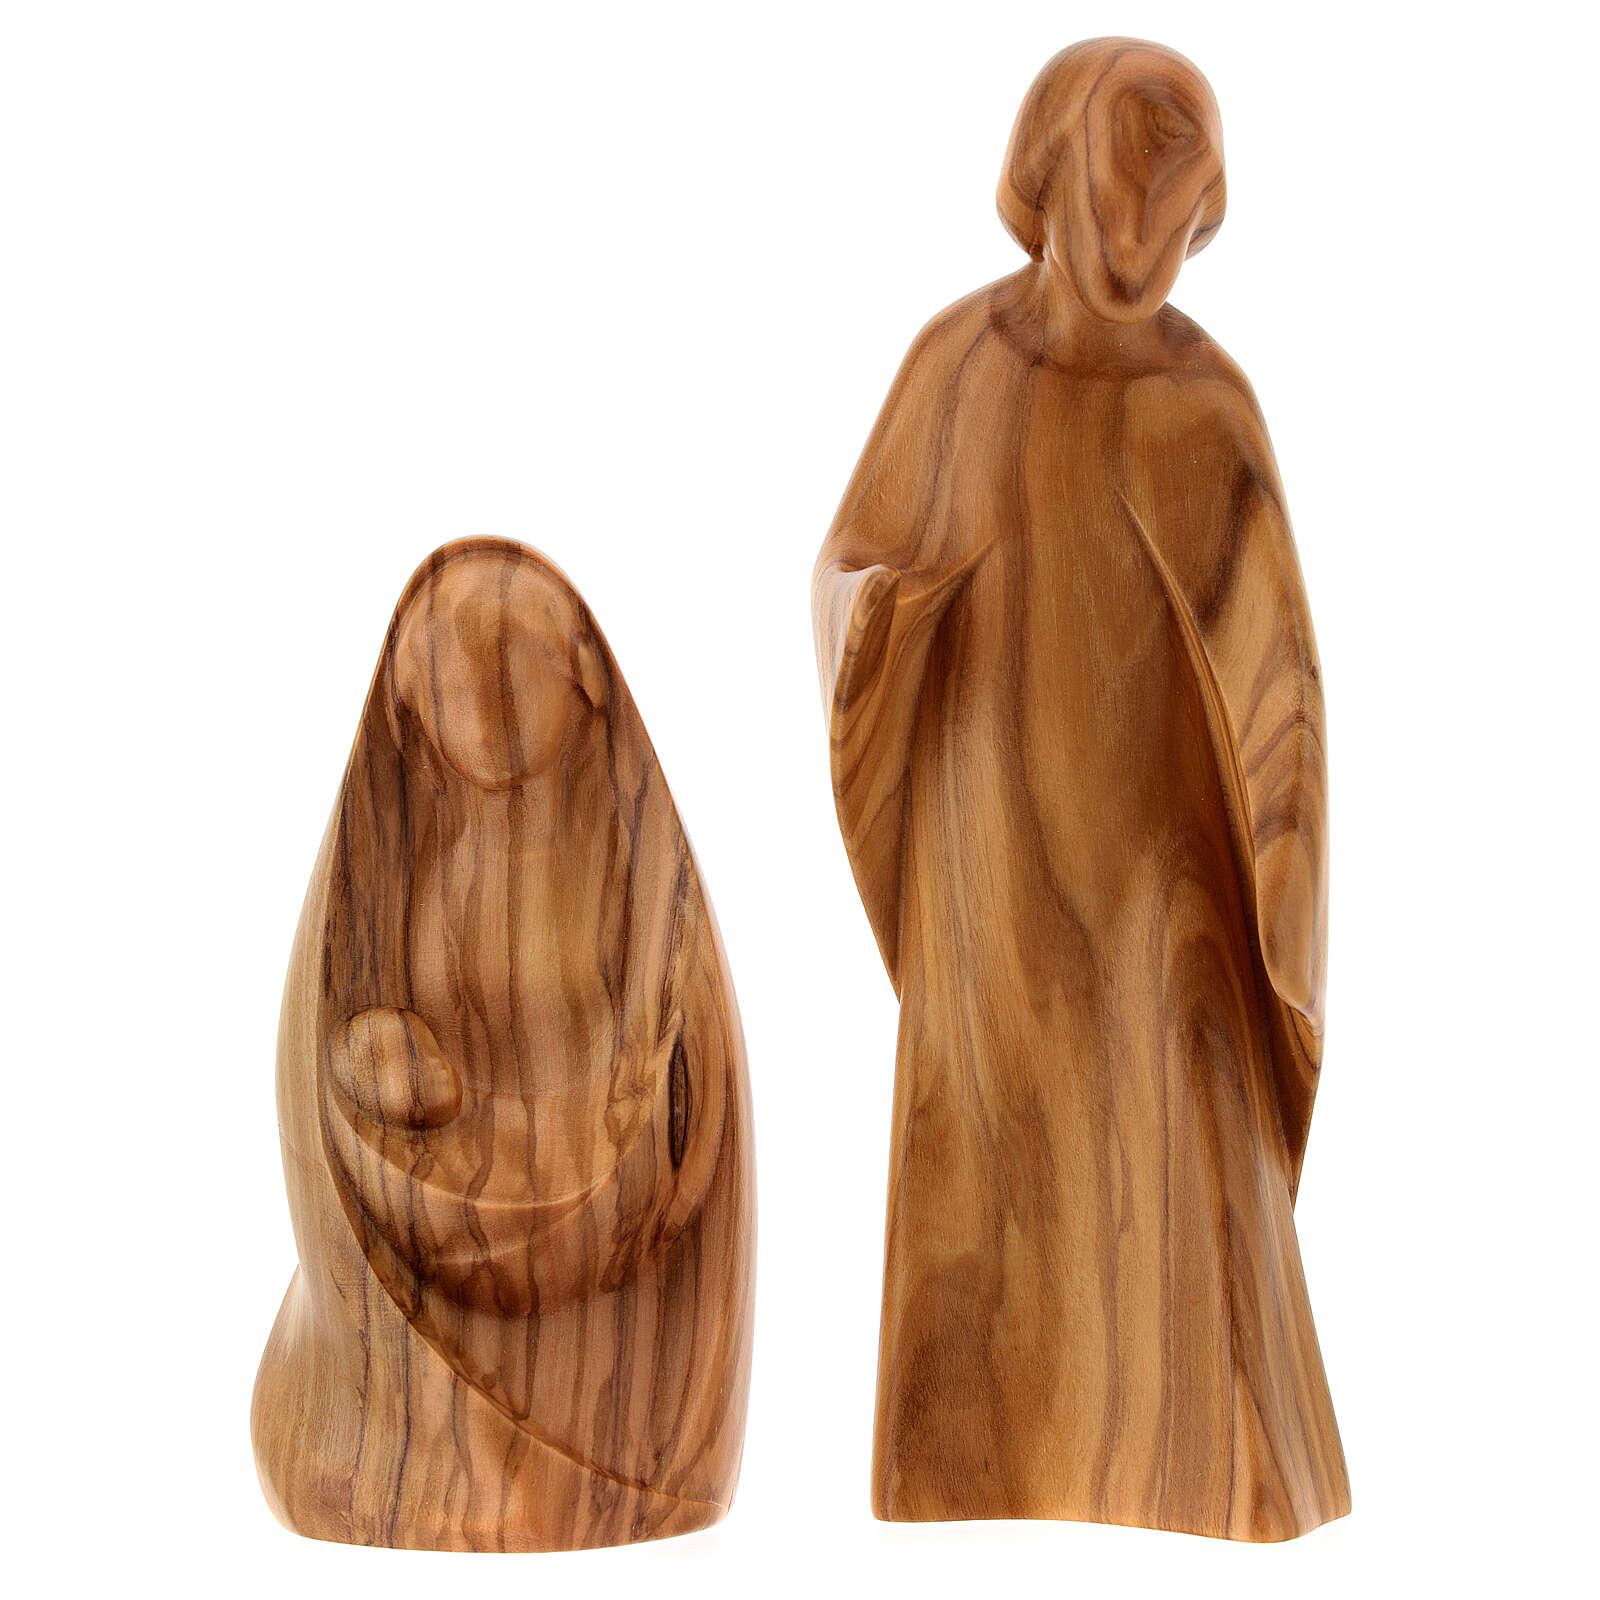 Natività La gioia due pezzi legno ulivo Valgardena 3